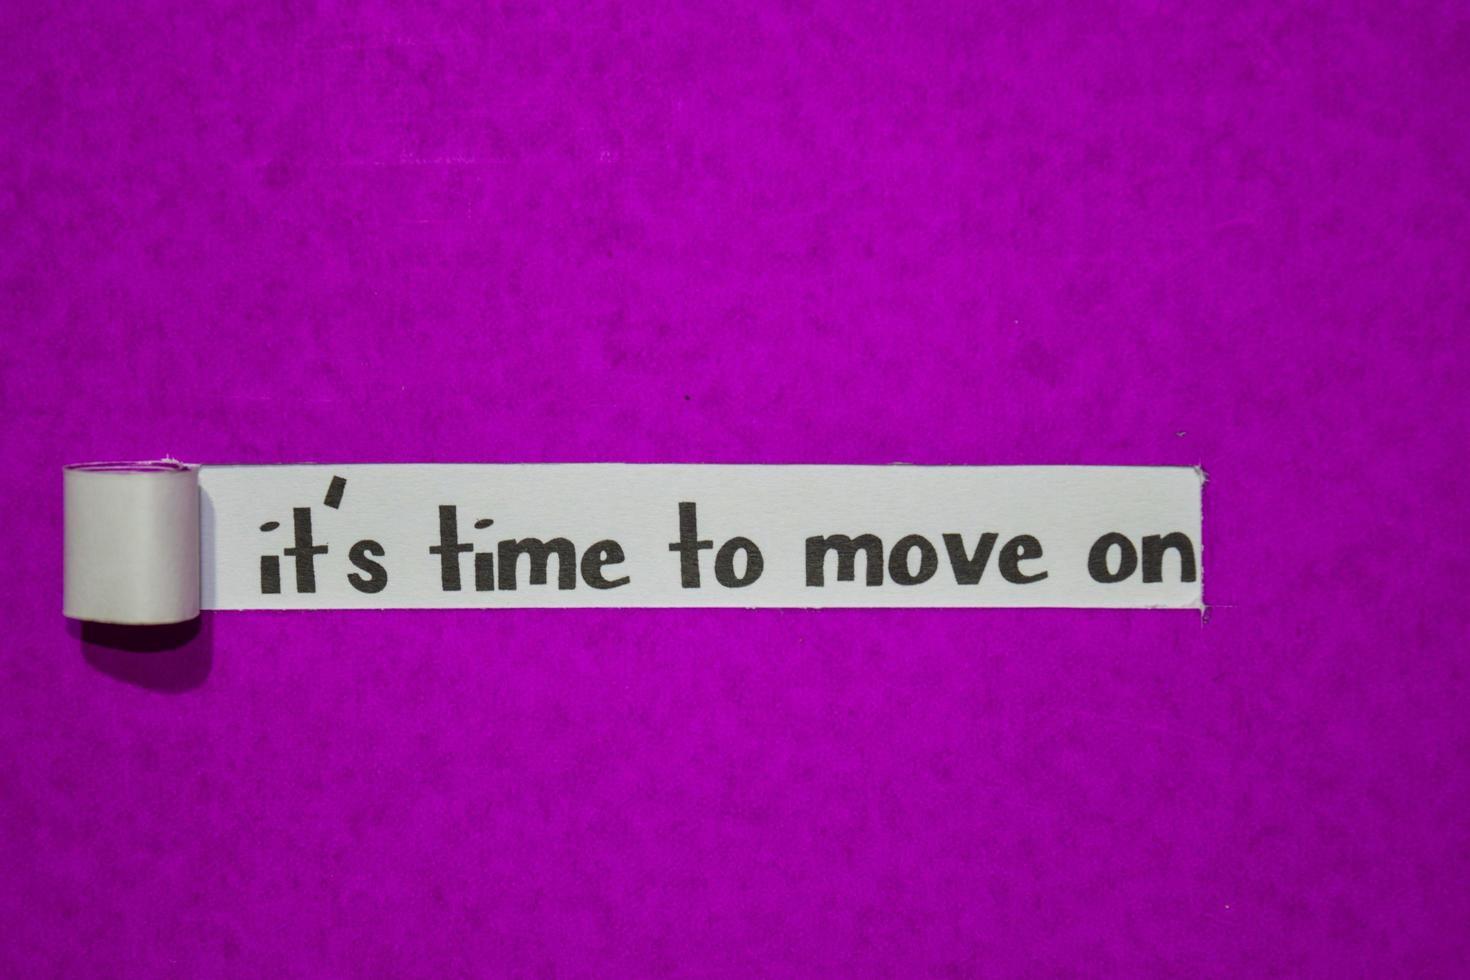 es hora de avanzar con el texto, la inspiración, la motivación y el concepto de negocio en papel rasgado púrpura foto